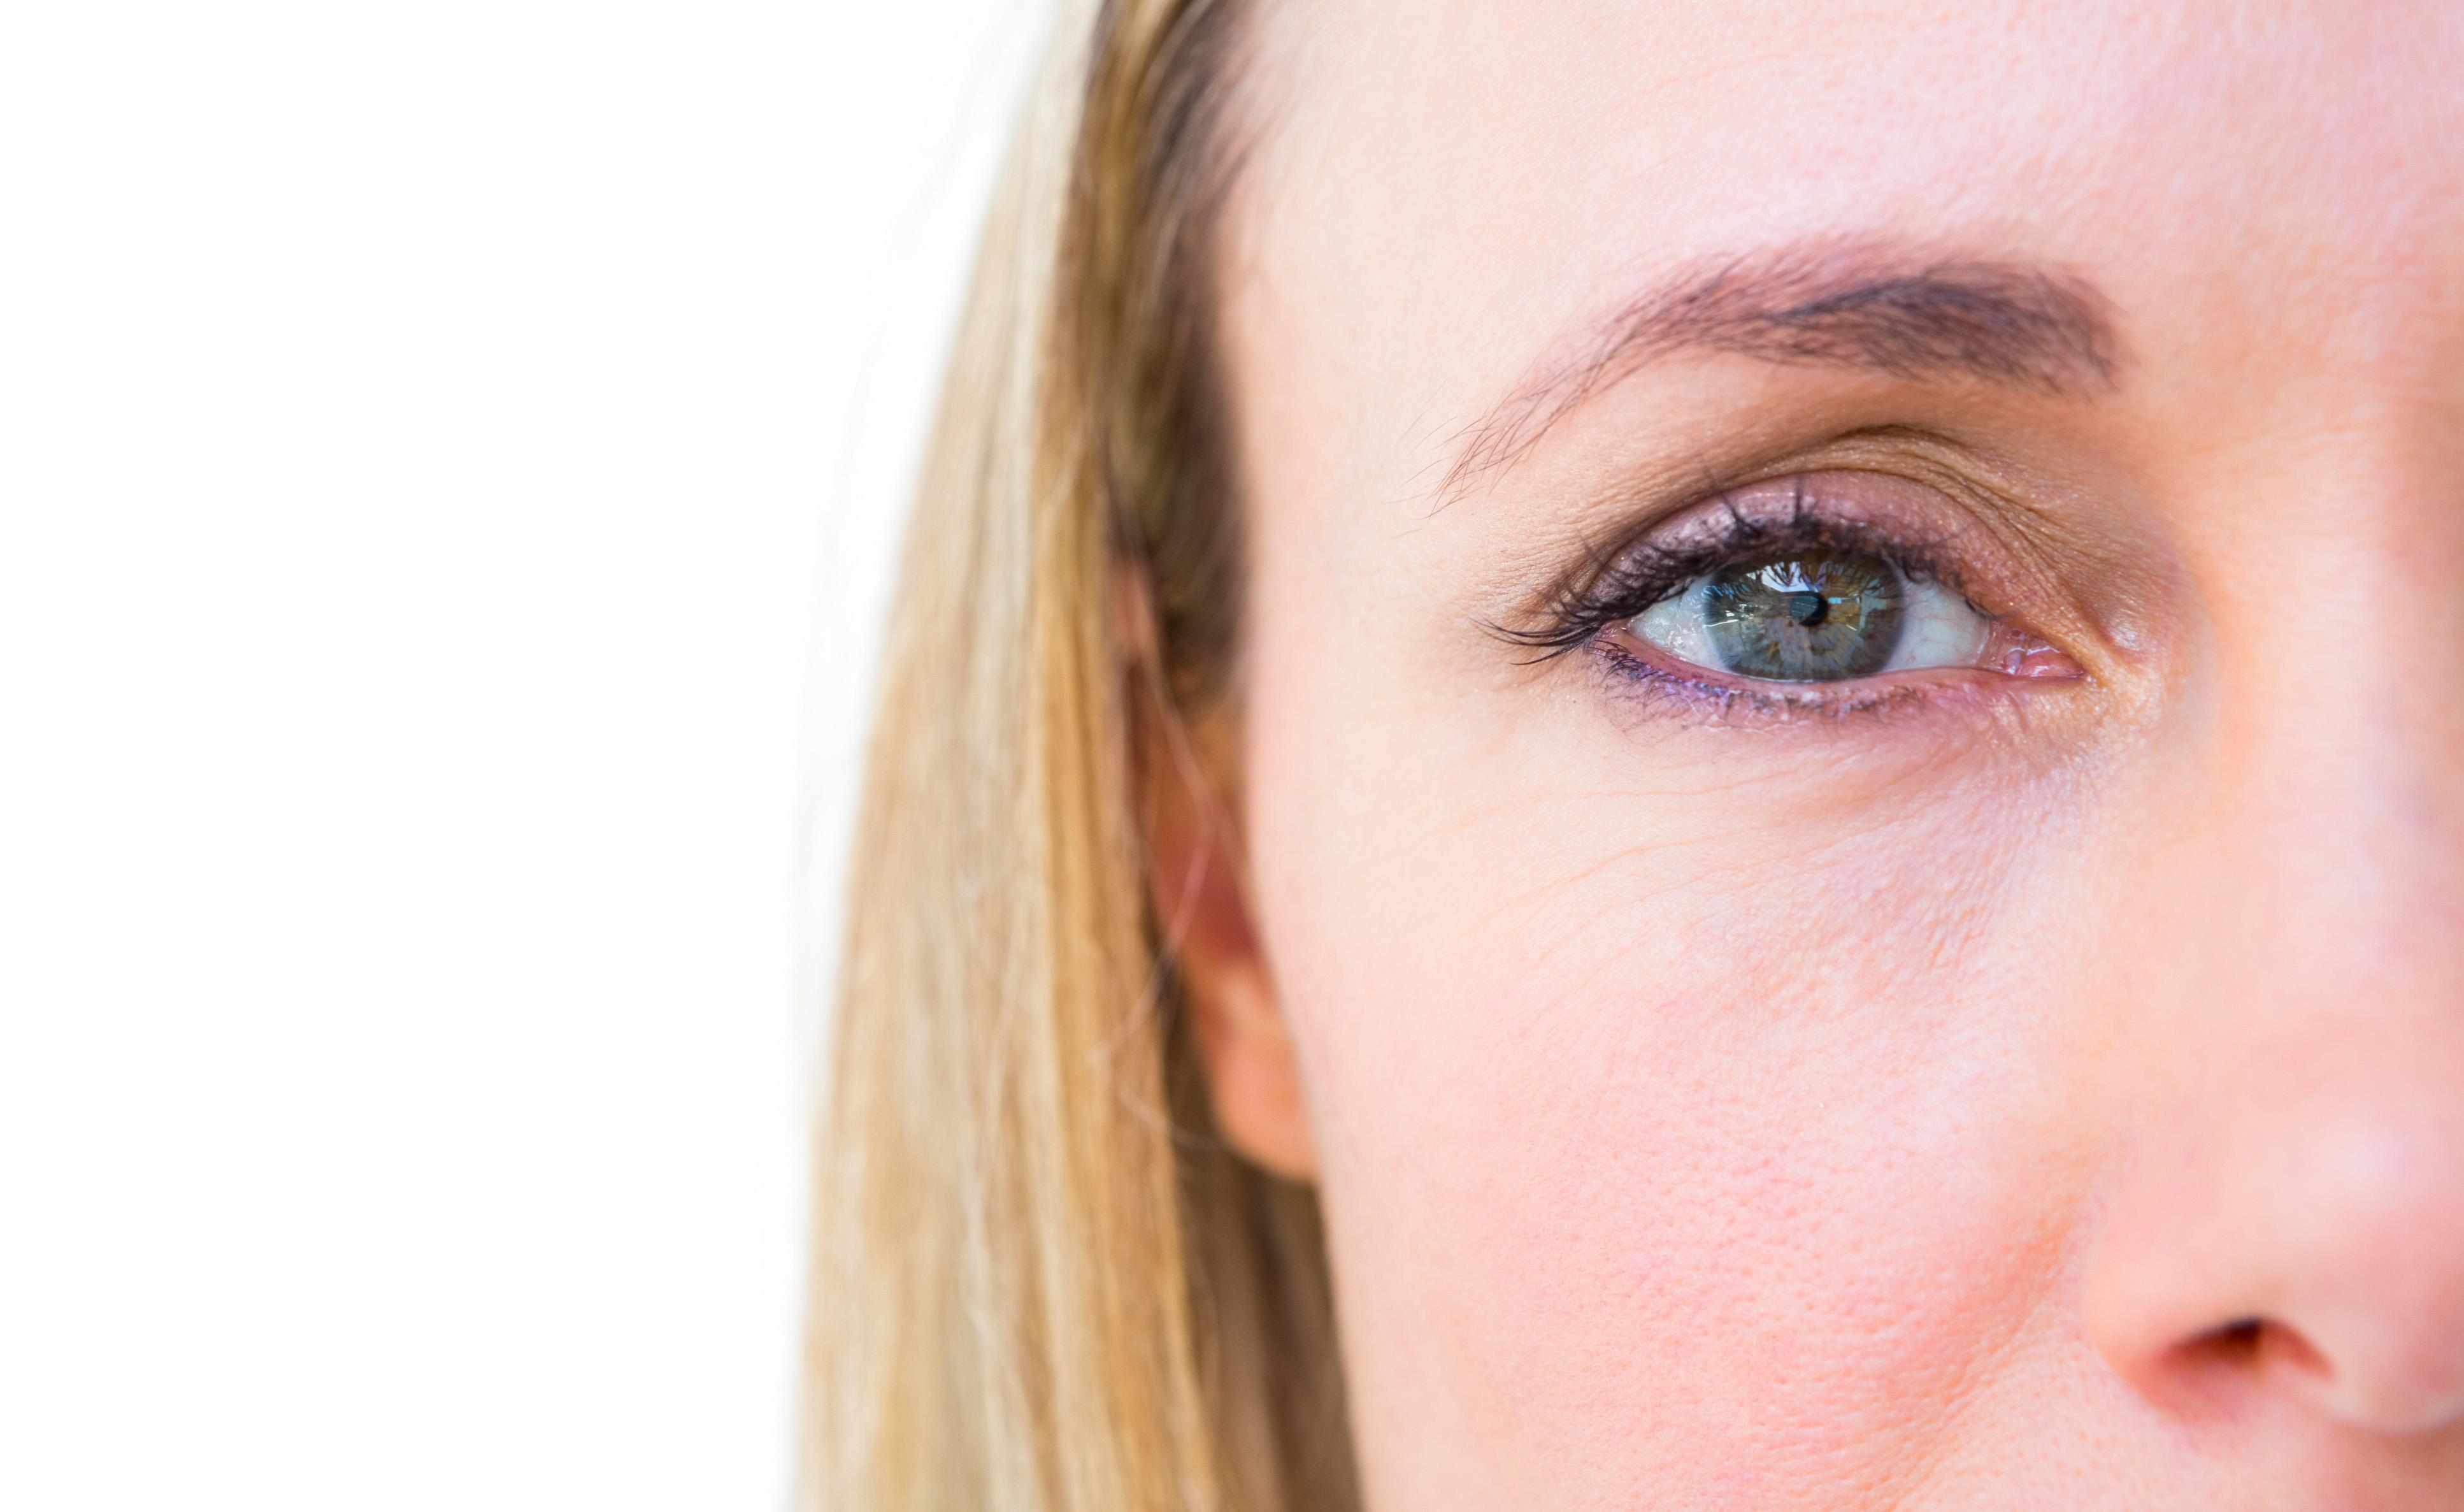 Come cambiare il colore degli occhi - Colore degli occhi diversi ...